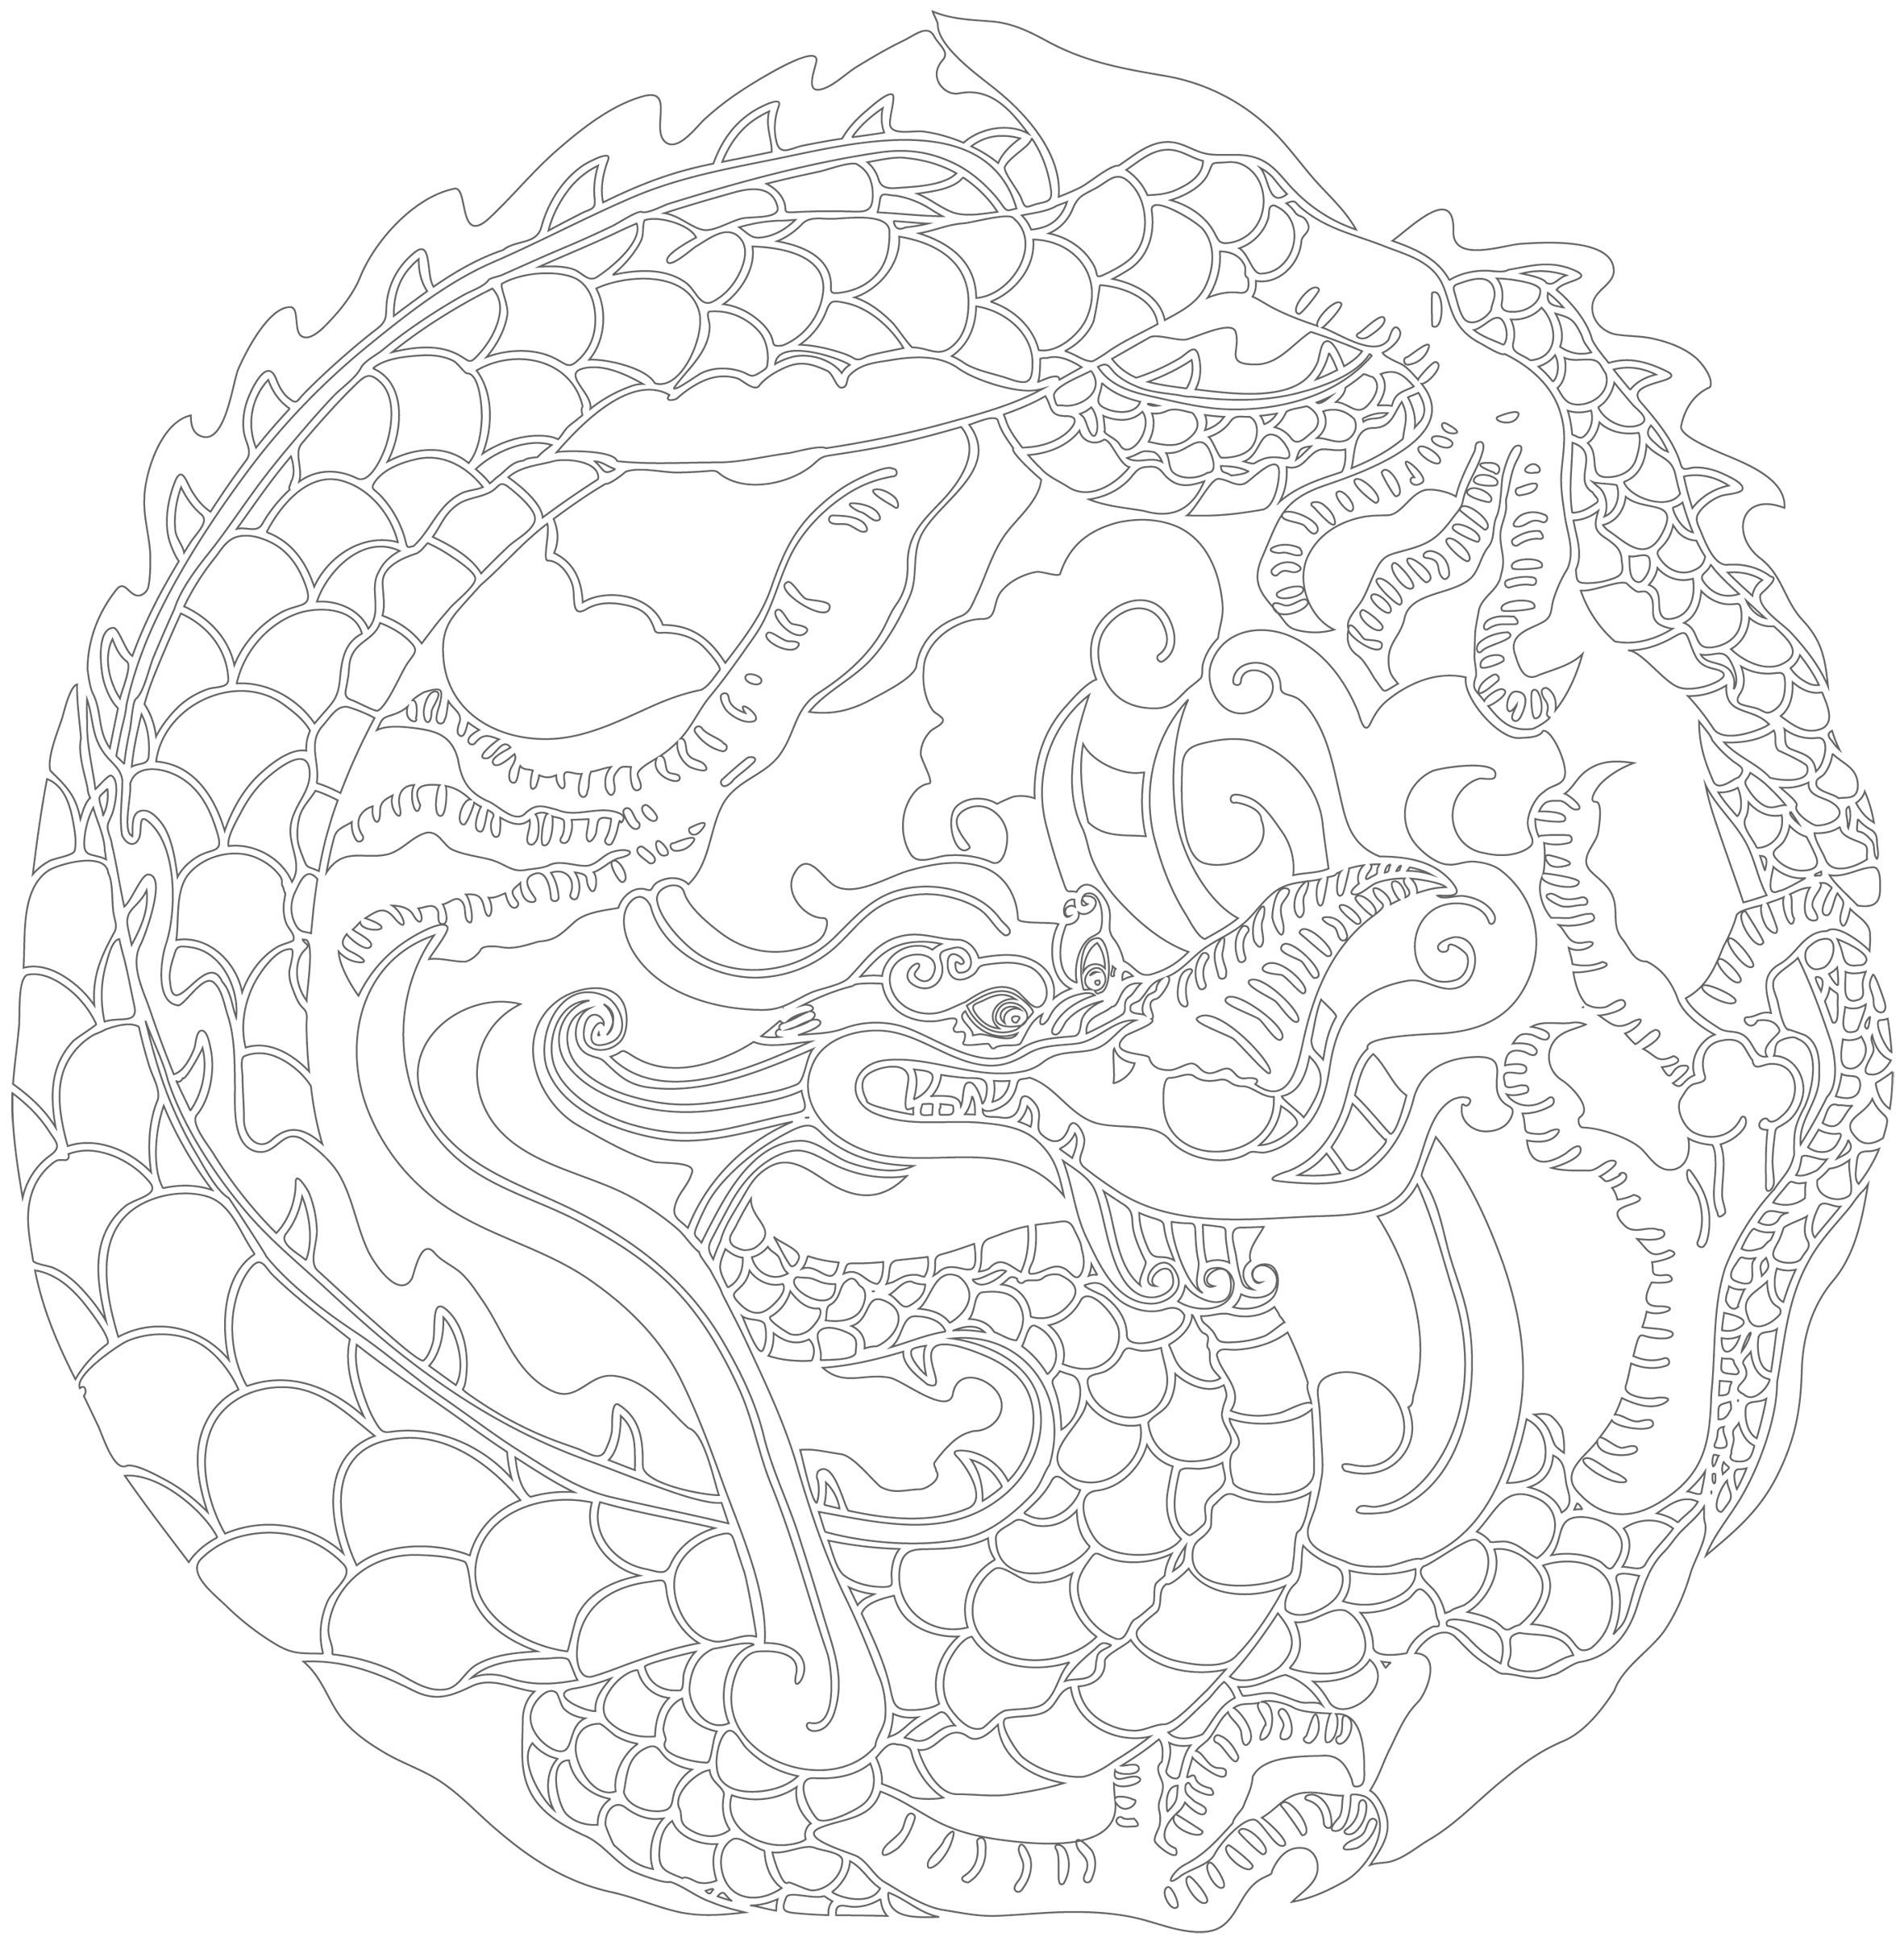 Coloriage Anti Stress Inspiration Zen concernant Coloriages Zen